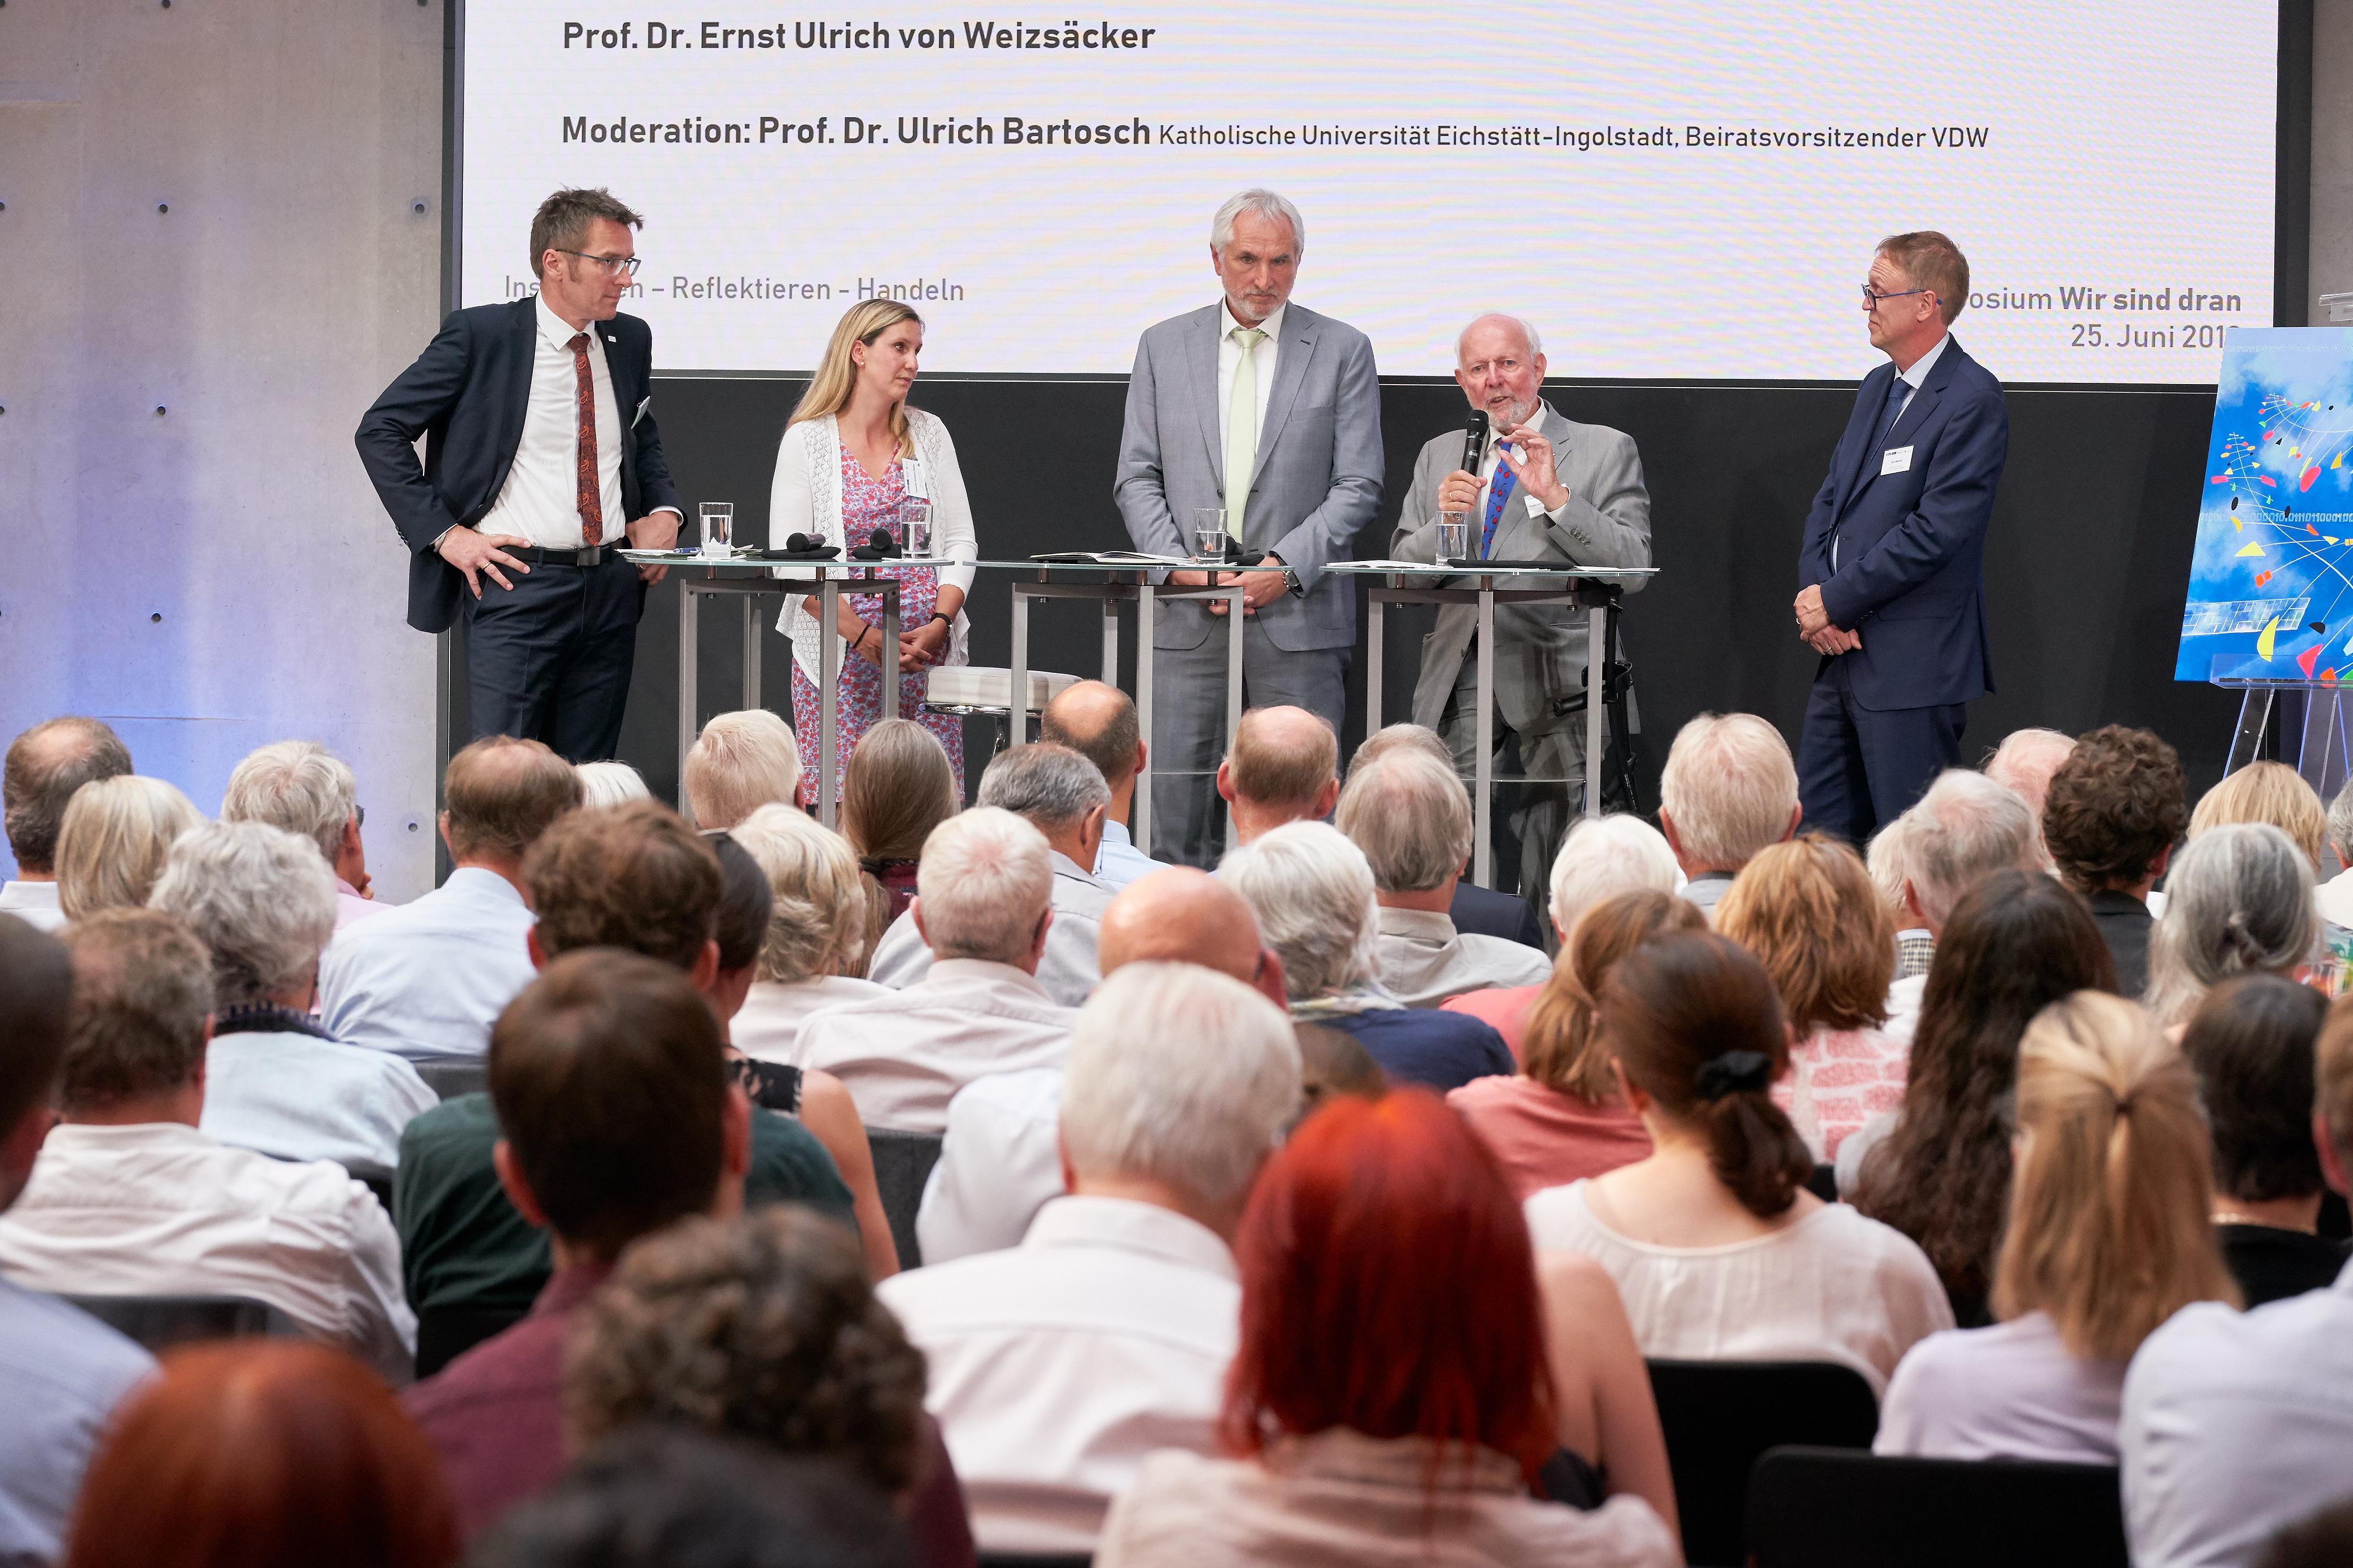 Die teilnehmenden Hochschulen auf dem Podium mit Ernst Ulrich von Weizsaecker.